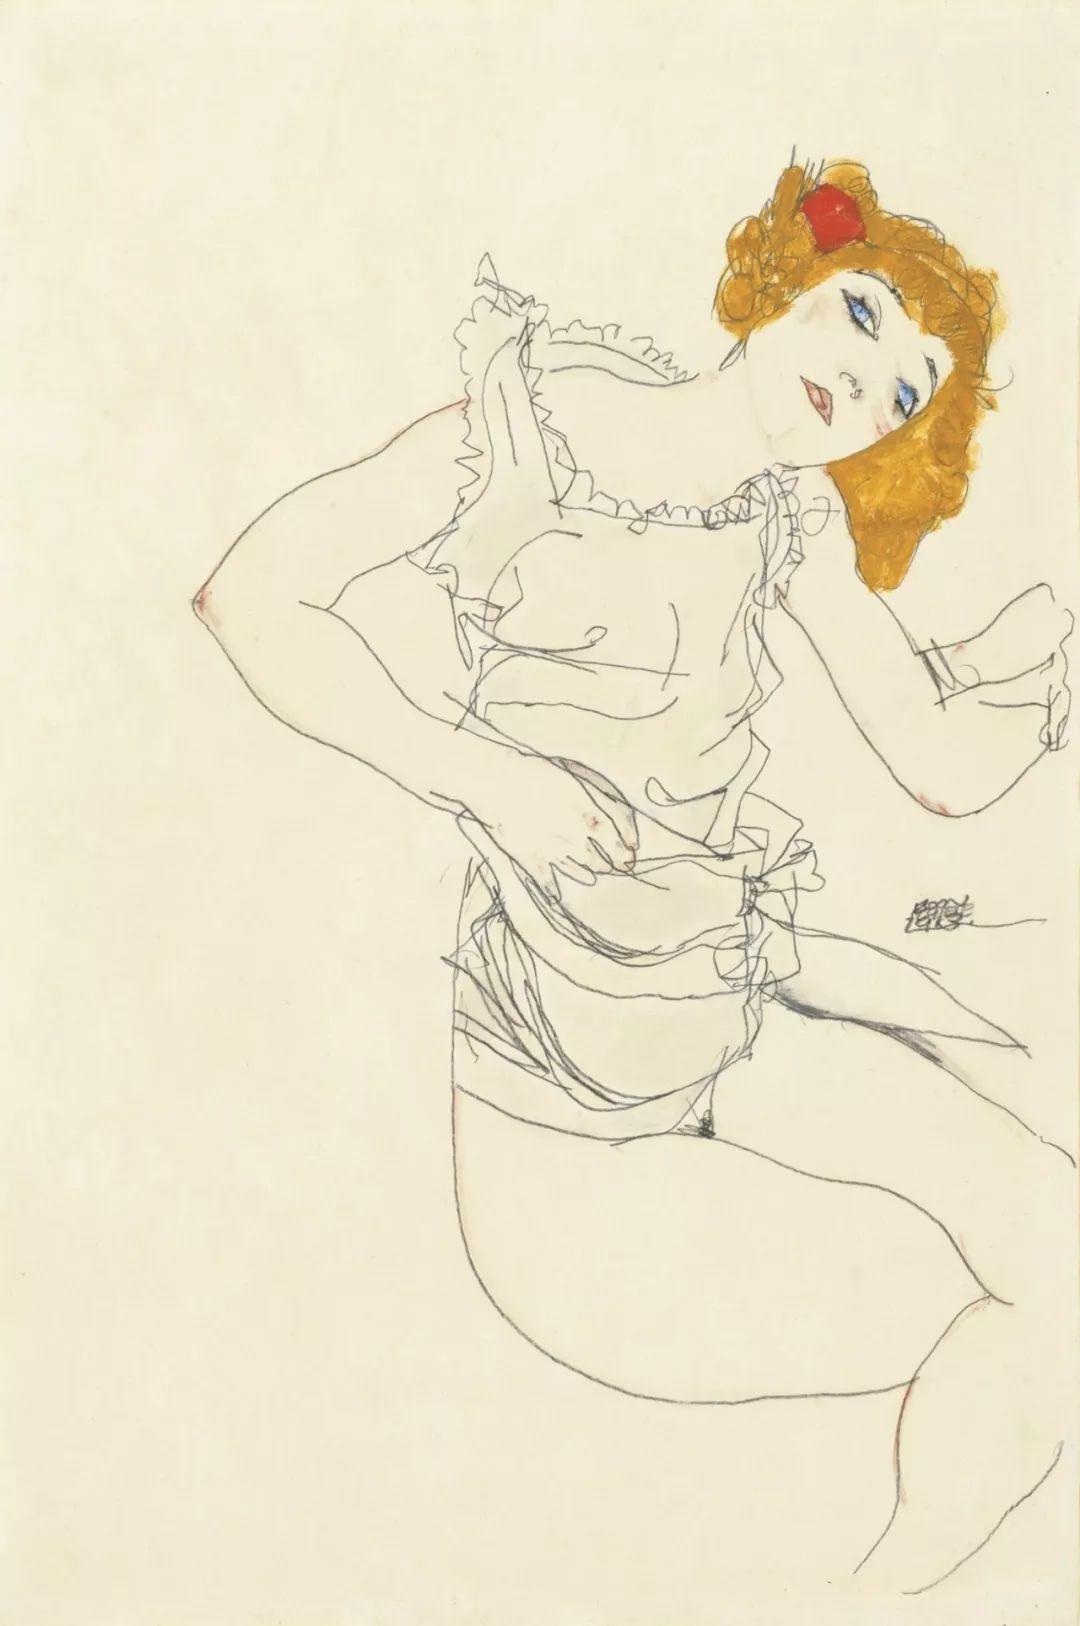 年仅28岁,生前遭受非议,死后却被捧为直逼心灵的艺术家插图7